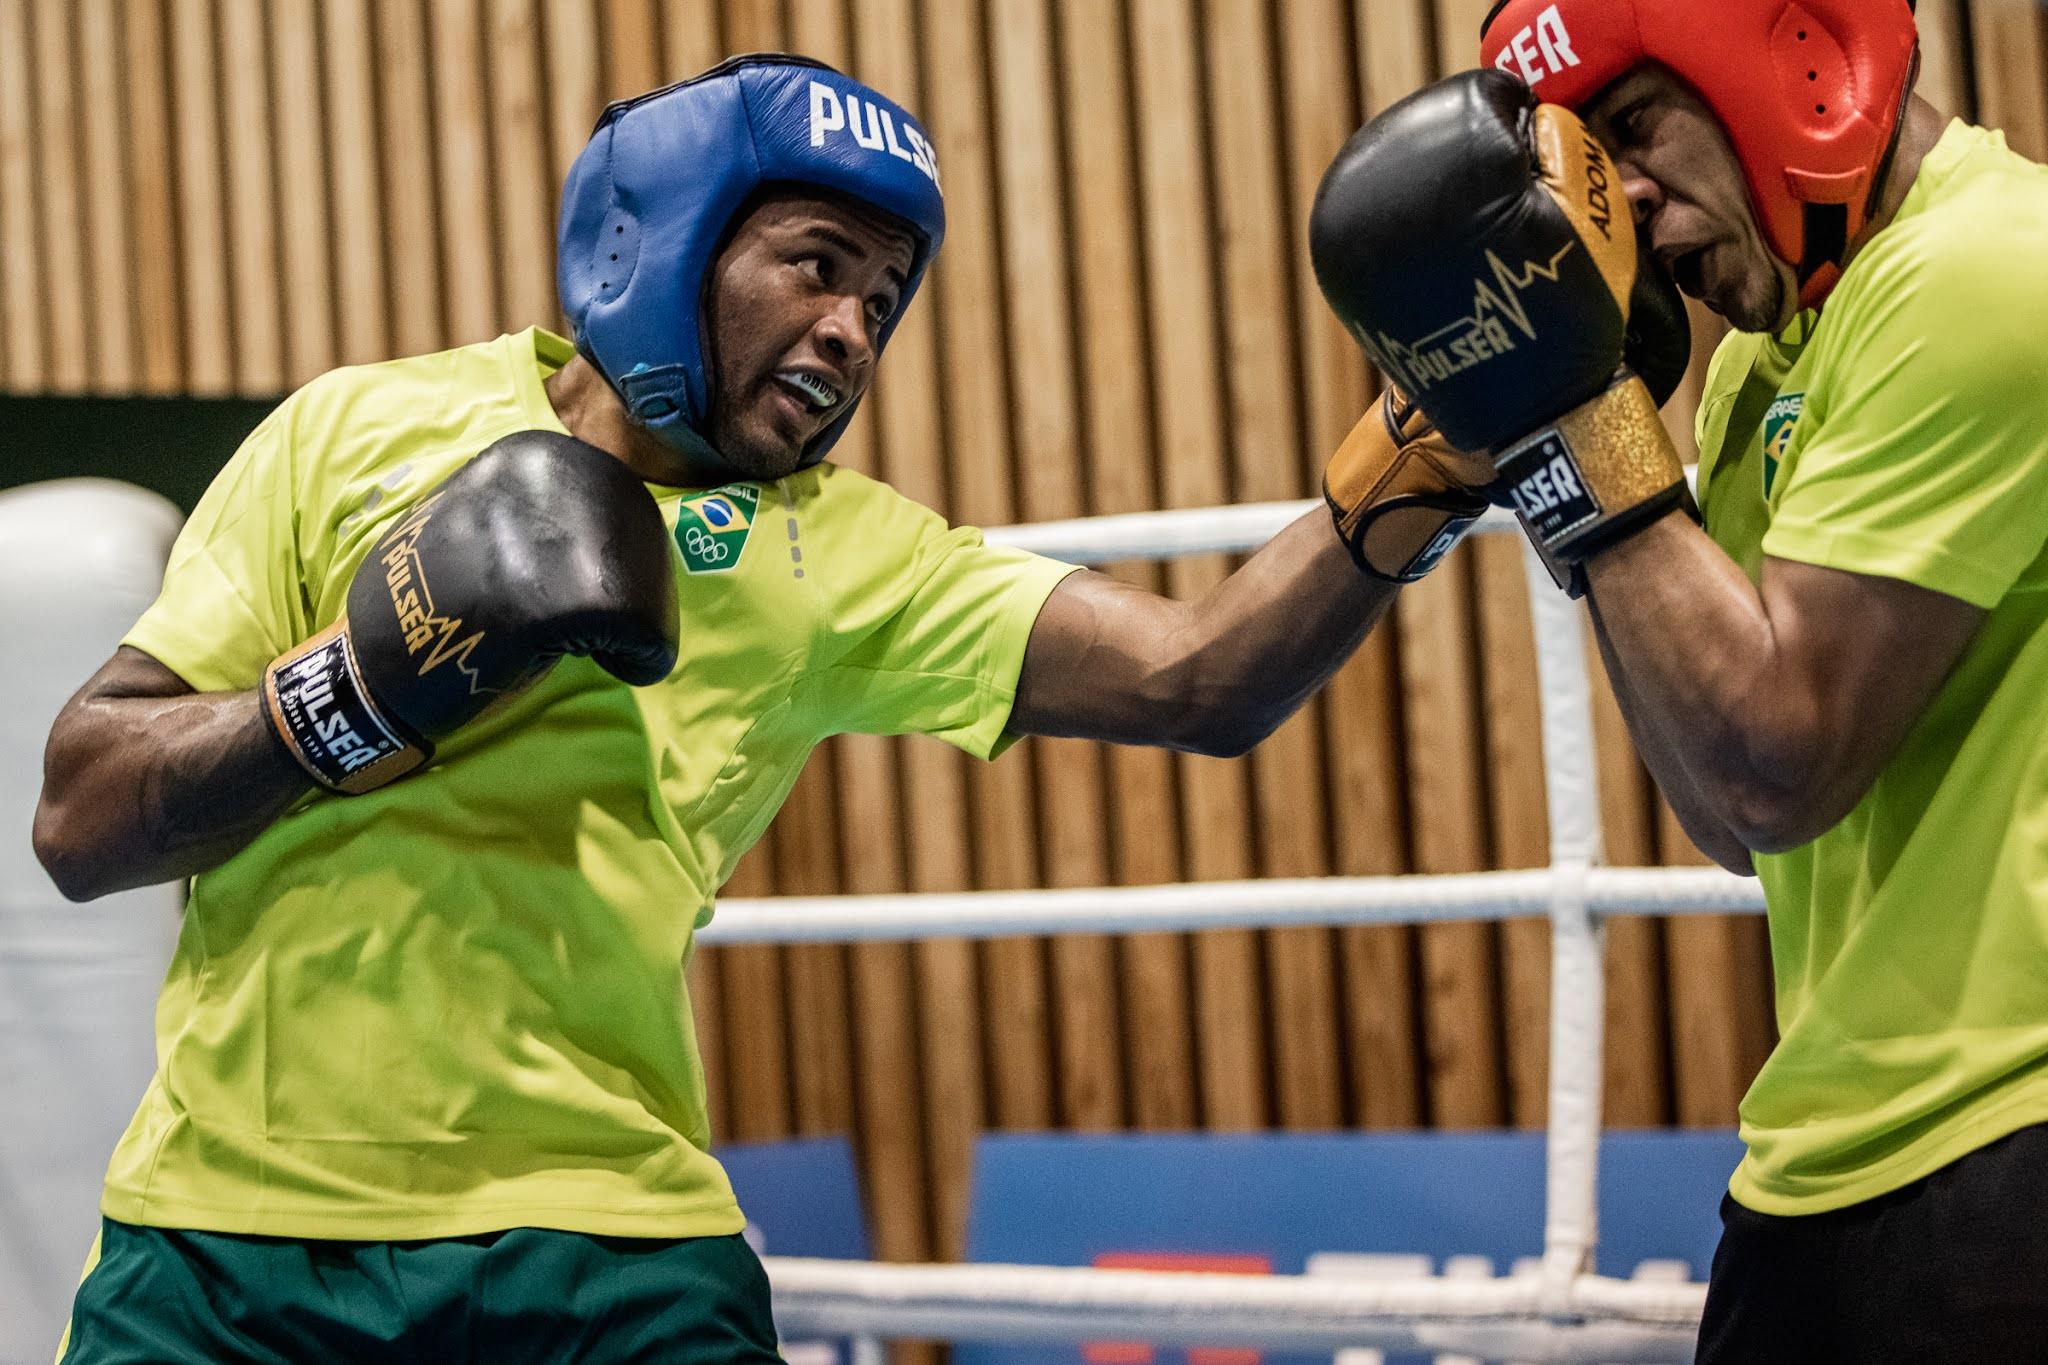 Wanderson de Oliveira, boxe do Brasil nas Olimpíadas de Tóquio